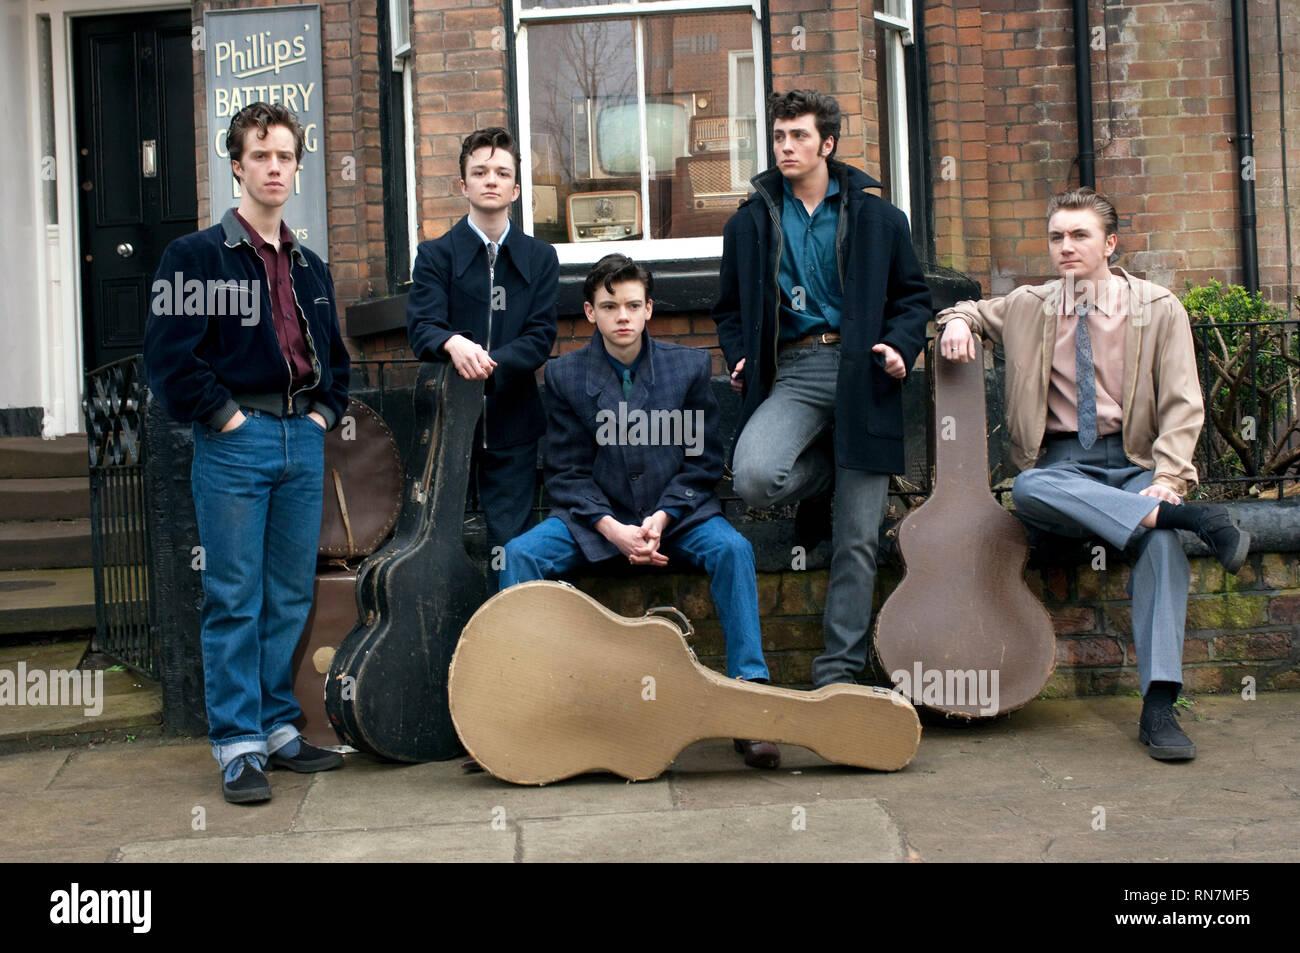 WILMOTT,BELL,SANGSTER,JOHNSON, NOWHERE BOY, 2009 - Stock Image